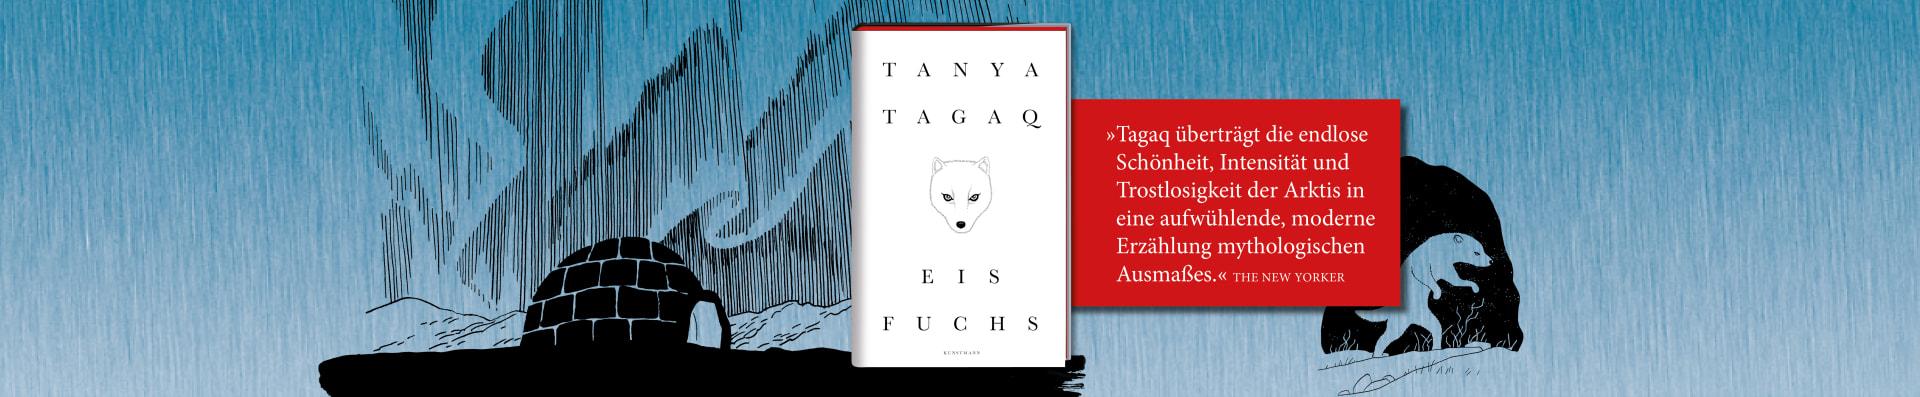 Tanya Tagaq – Eisfuchs